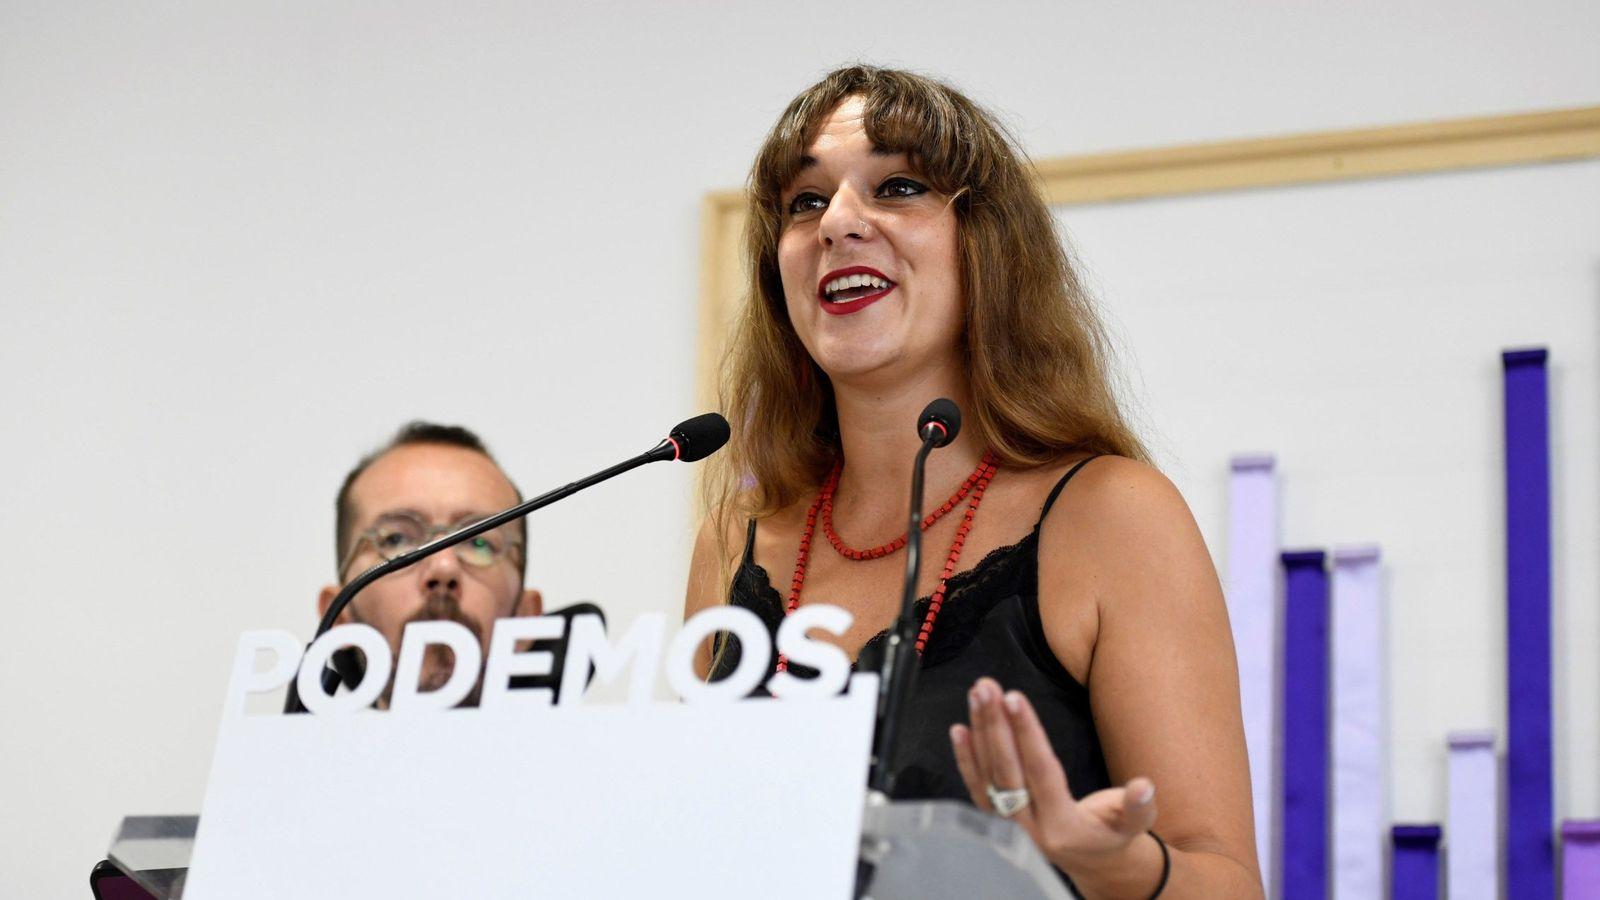 Foto: Los portavoces de Podemos Noelia Vera y Pablo Echenique, durante la rueda de prensa posterior a la reunión de la ejecutiva de la formación con la que abre el nuevo curso político. (EFE)